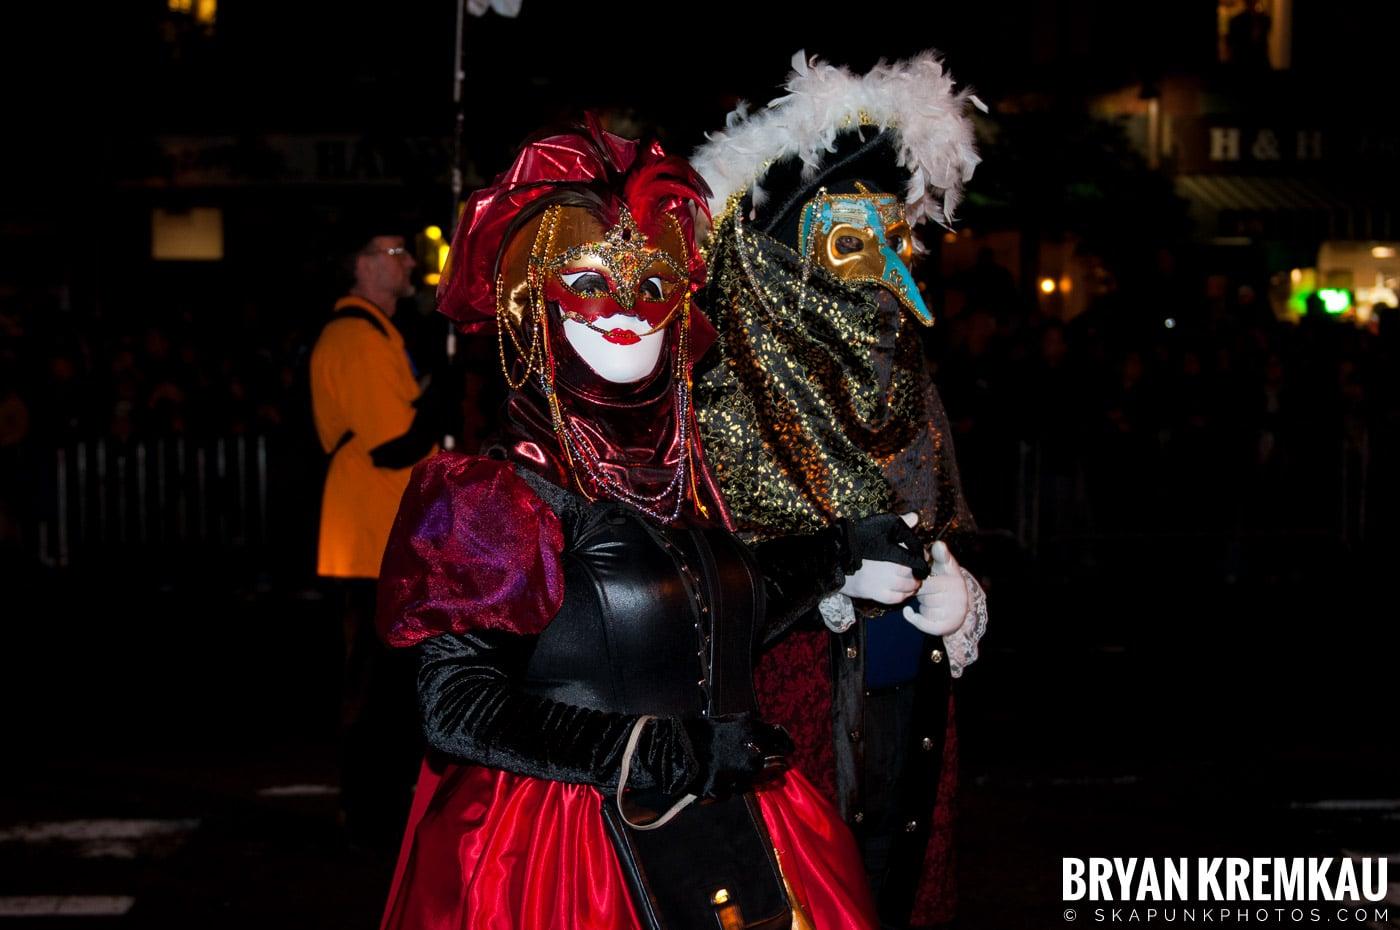 NYC Halloween Parade 2011 @ New York, NY - 10.31.11 (82)